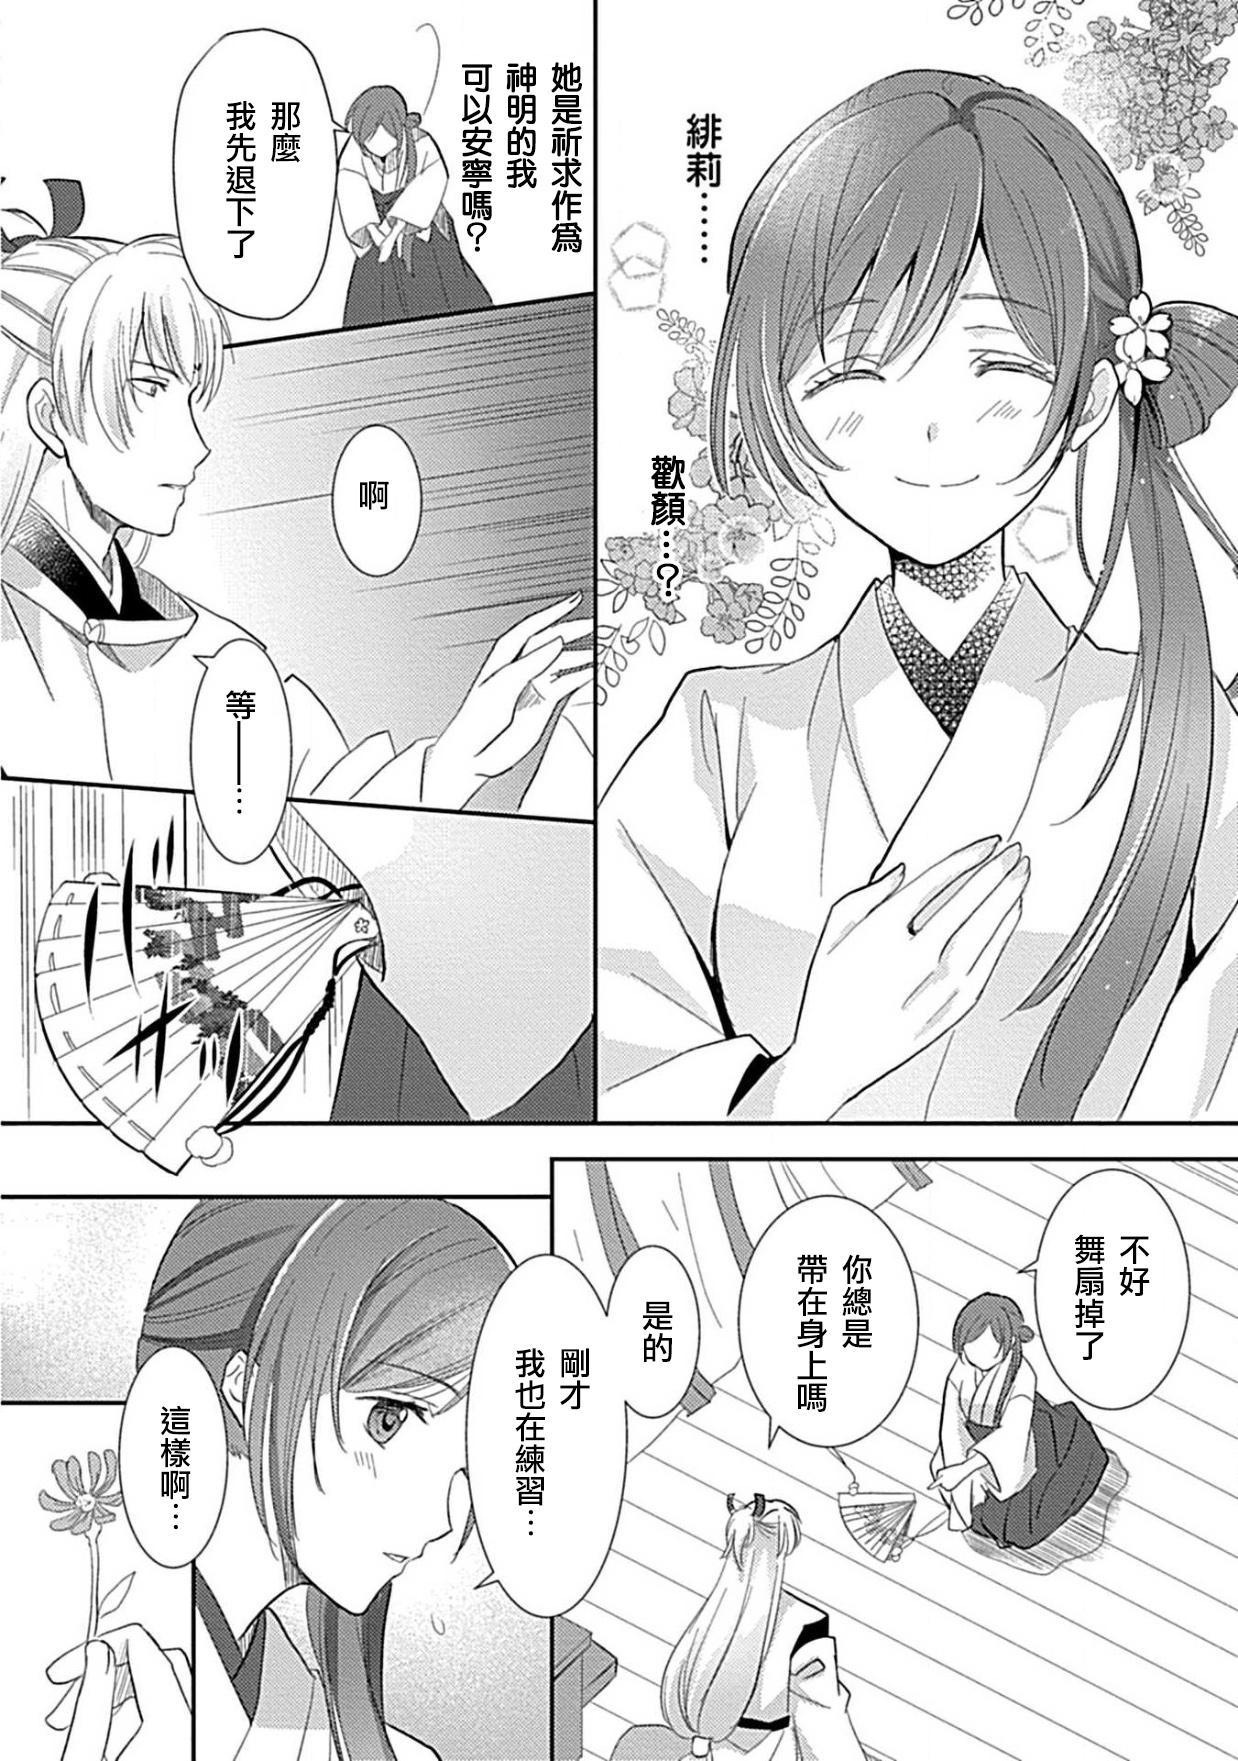 kyosei ranbu itoshi no kamisama ha amayaka ni osu deshita | 嬌聲亂舞 深愛的神明大人甜寵且英勇 24